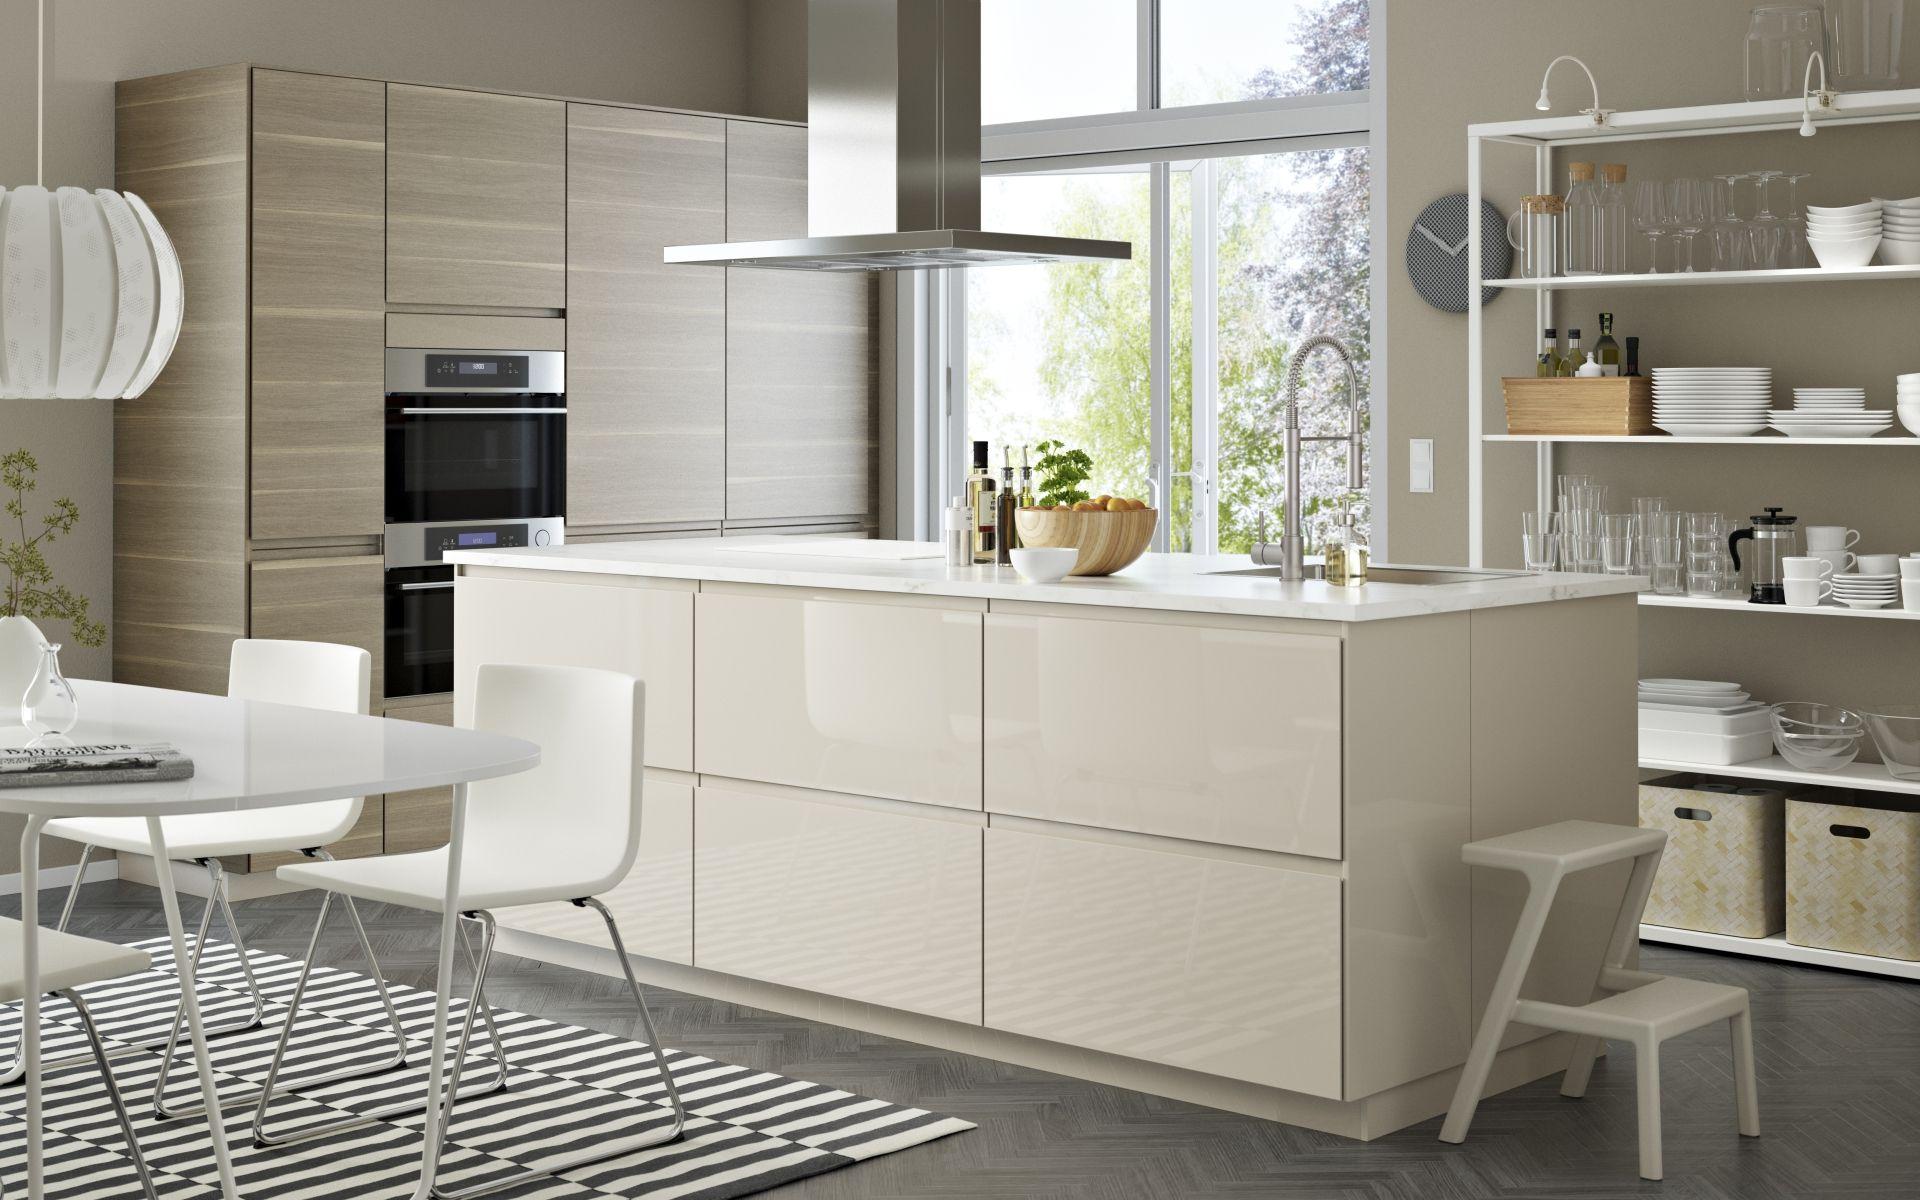 Tienda De Muebles Decoracion Y Hogar In 2019 Cocinas Ikea